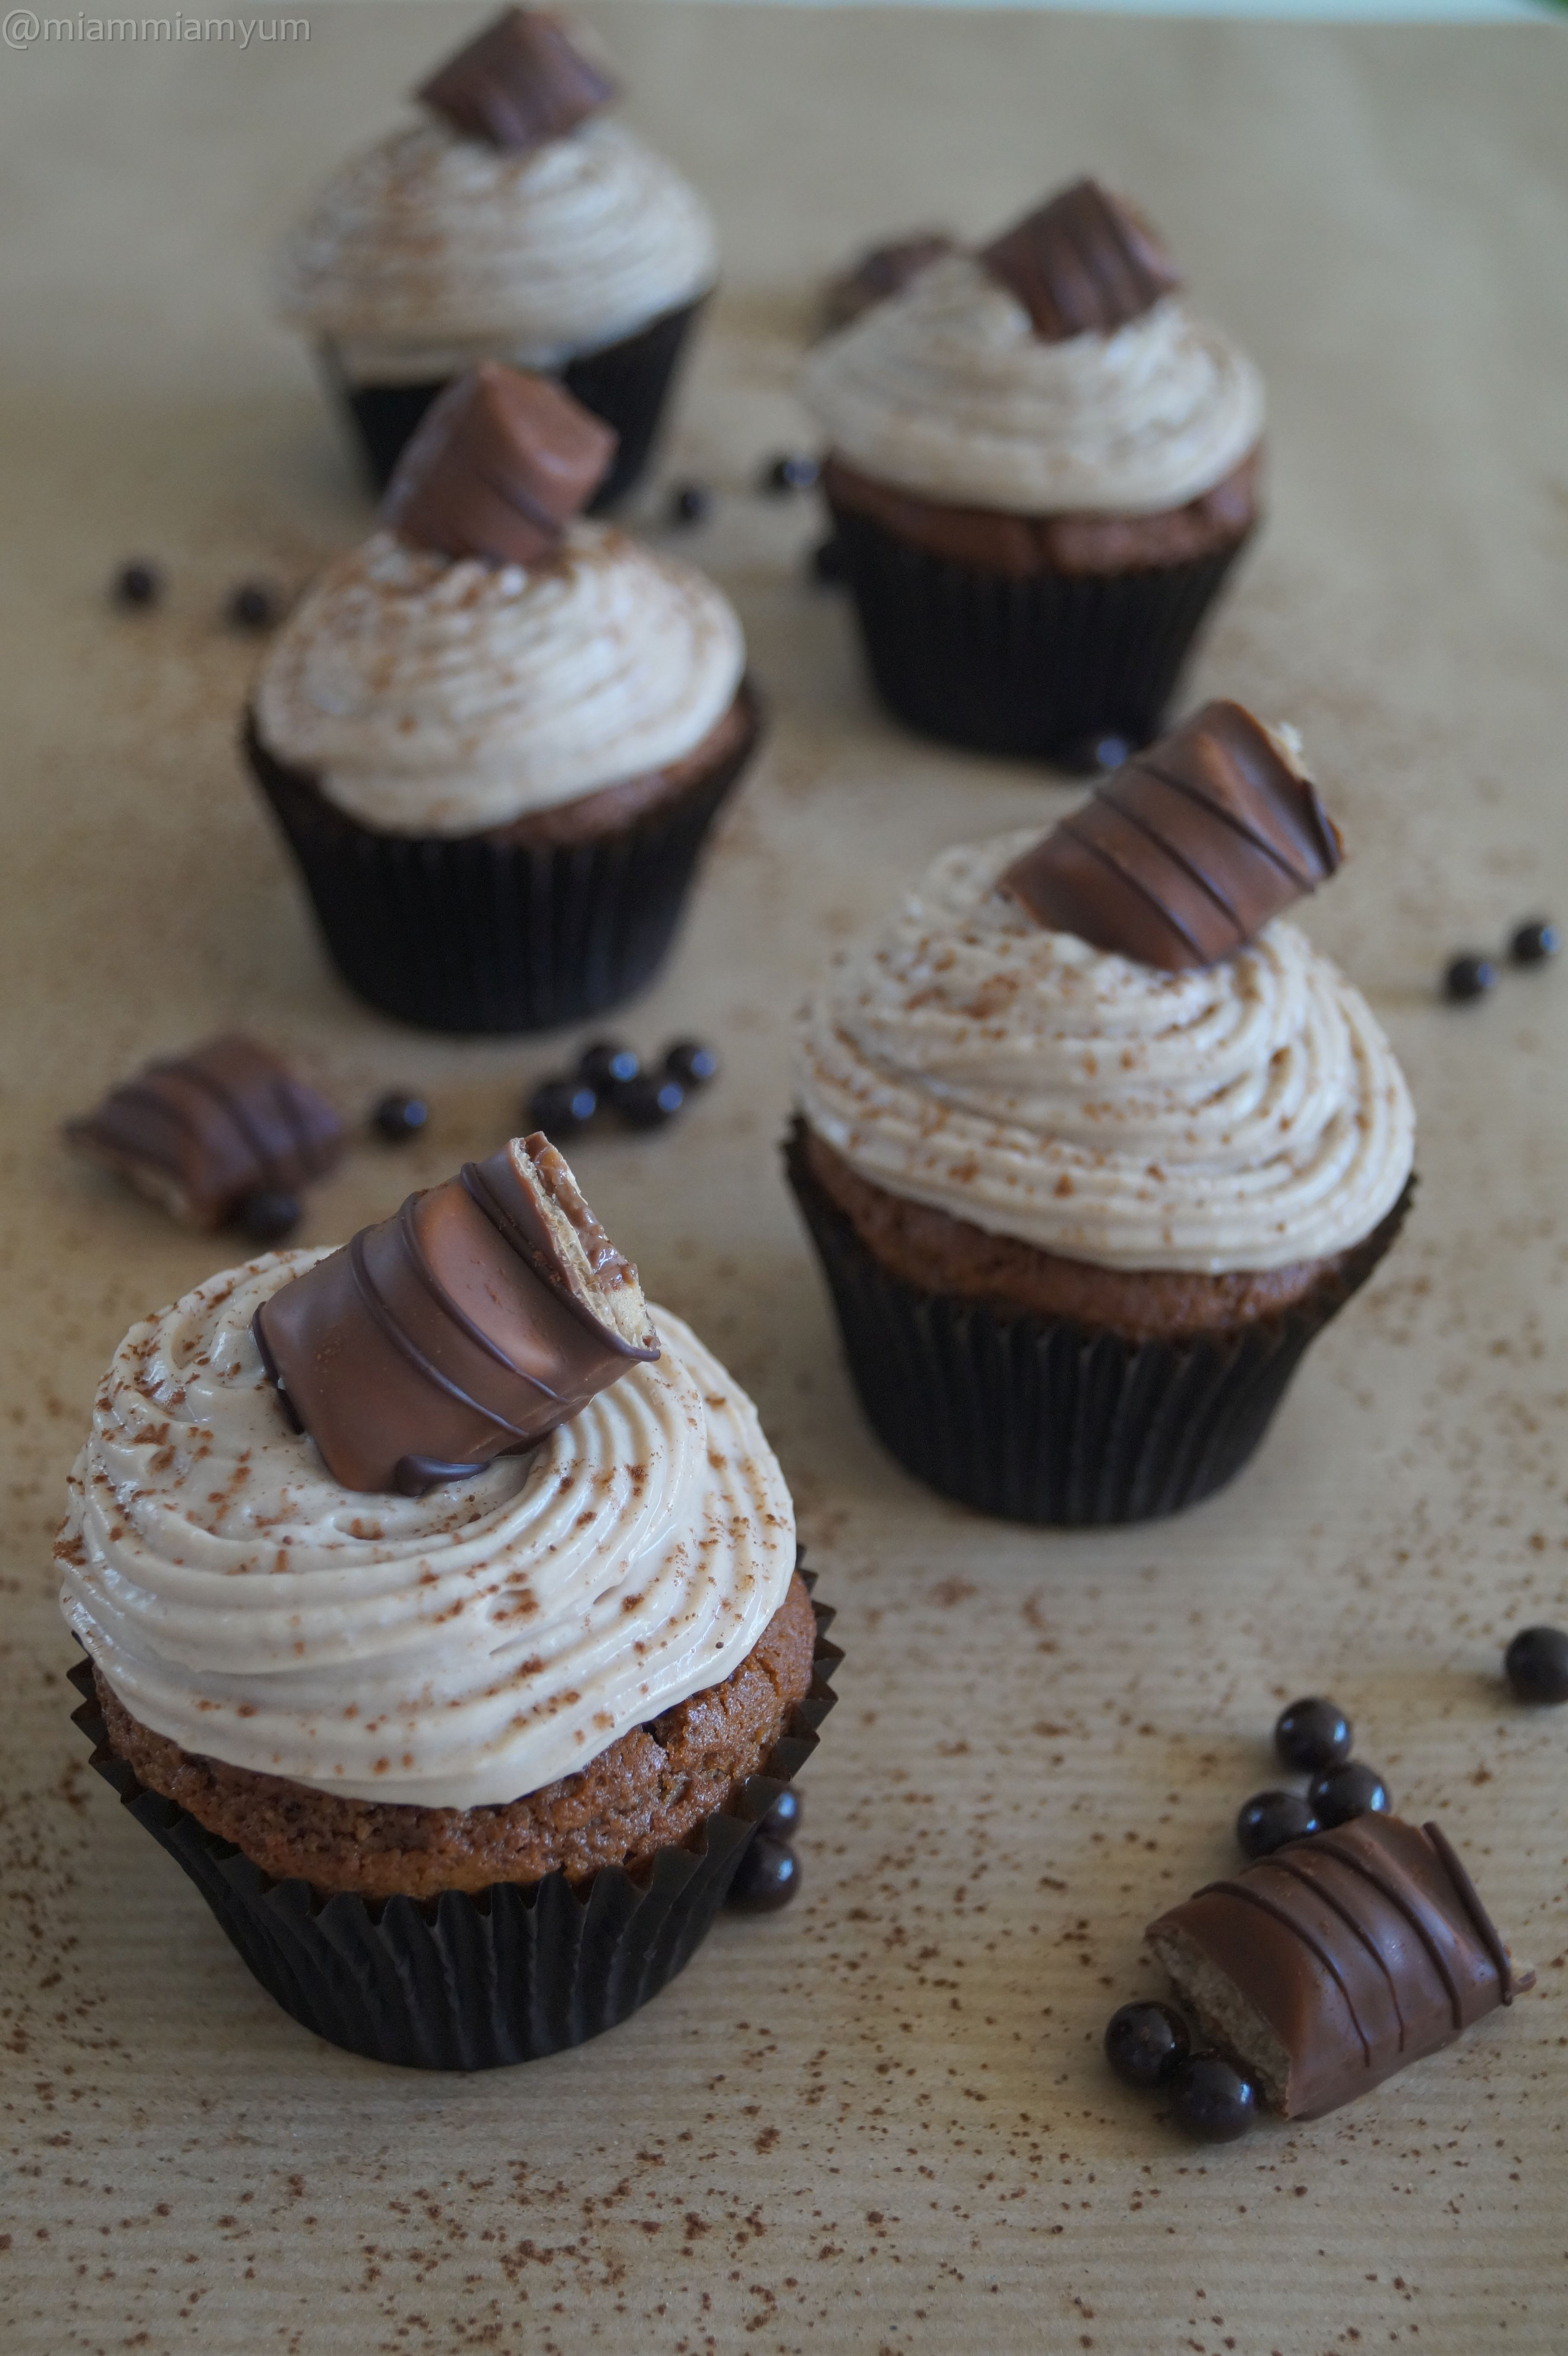 Populaire Nutella & Kinder Bueno cupcake – Miam Miam & Yum DD27